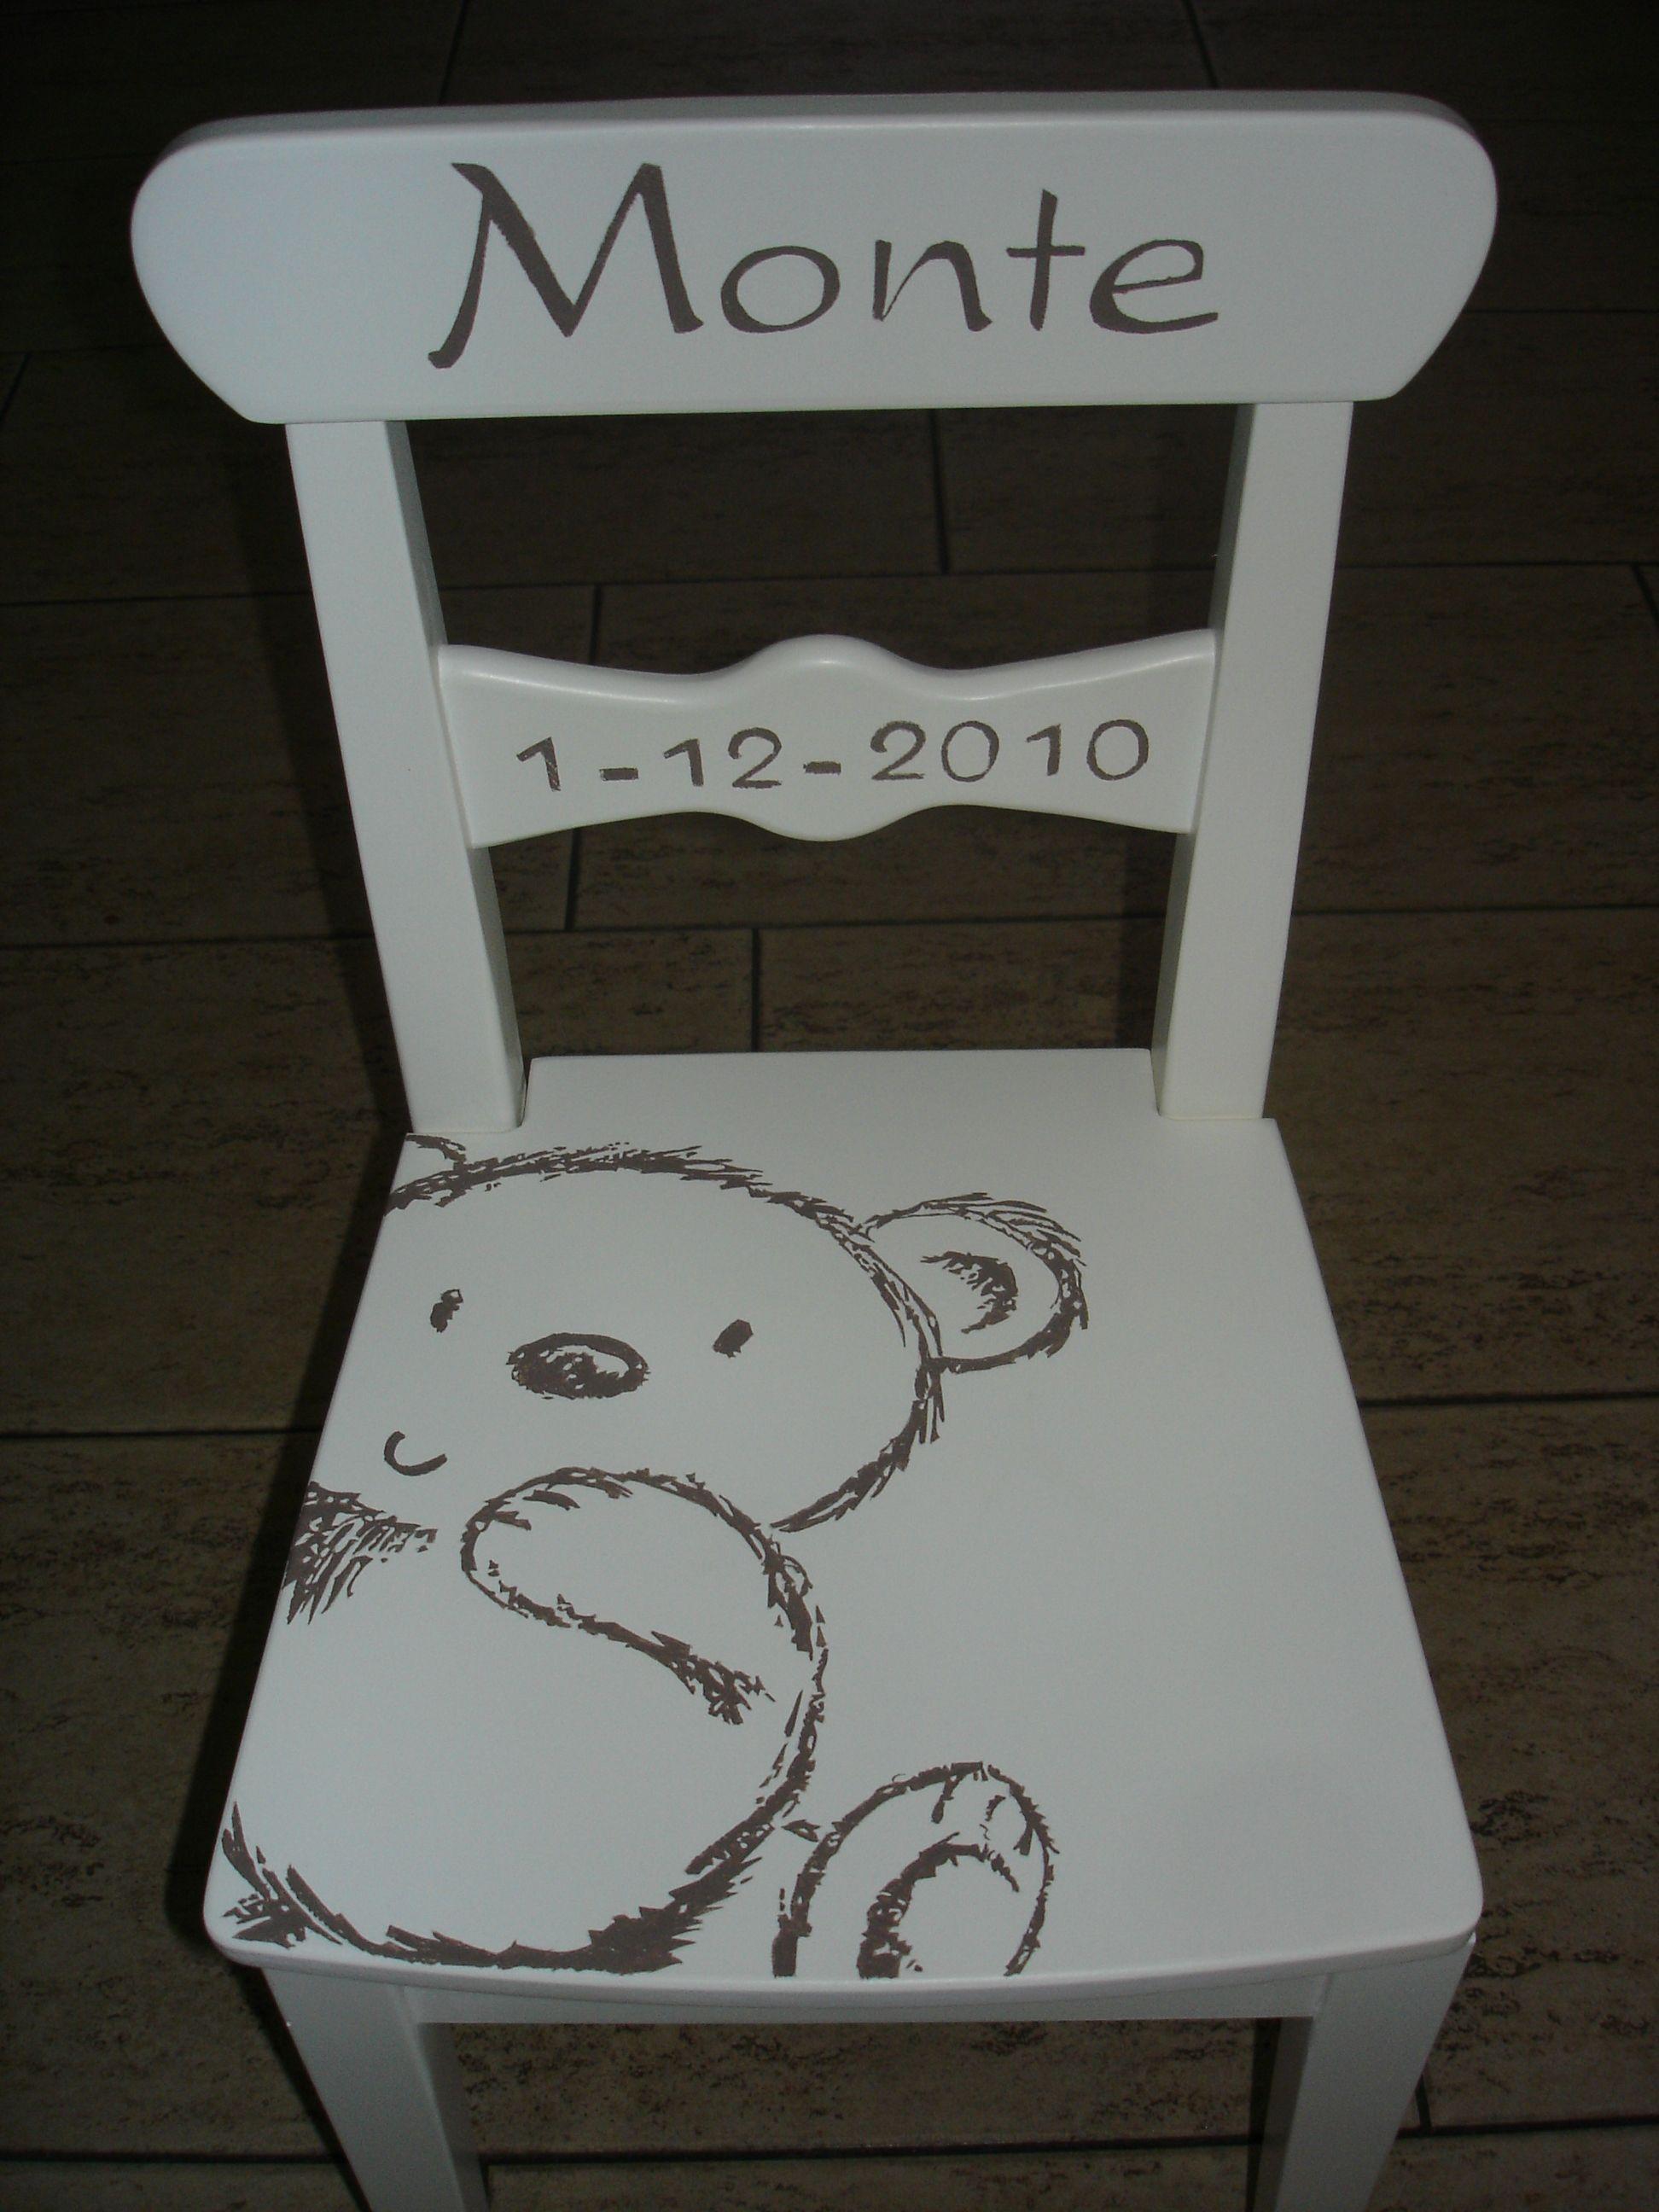 stoeltje voor Monte - door zijn eenvoud erg mooi en 1 van mijn favourieten